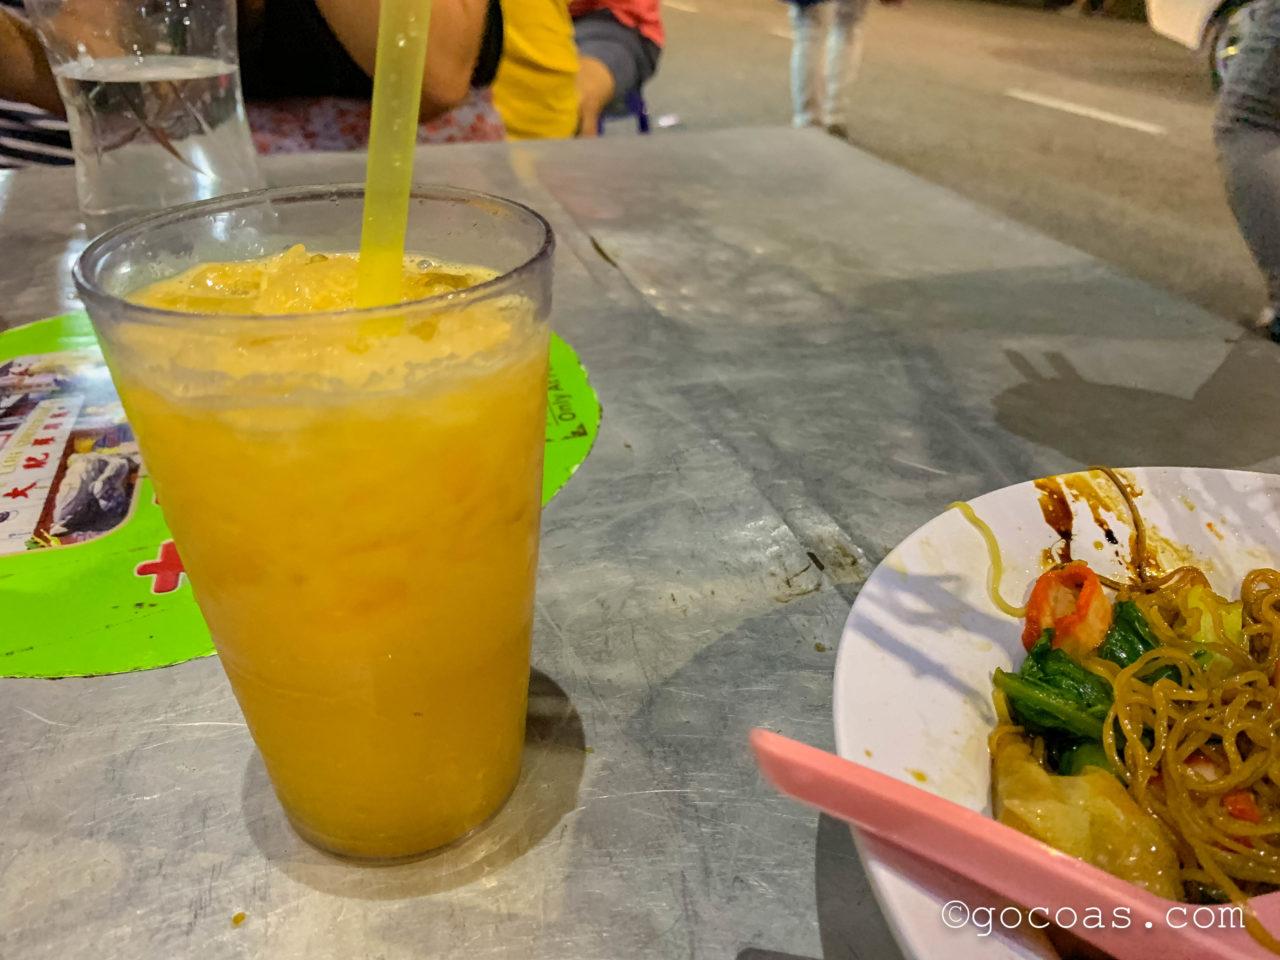 夜のペナン島の街中にあった食べ物の屋台で食べたワンタンミーとオレンジジュース